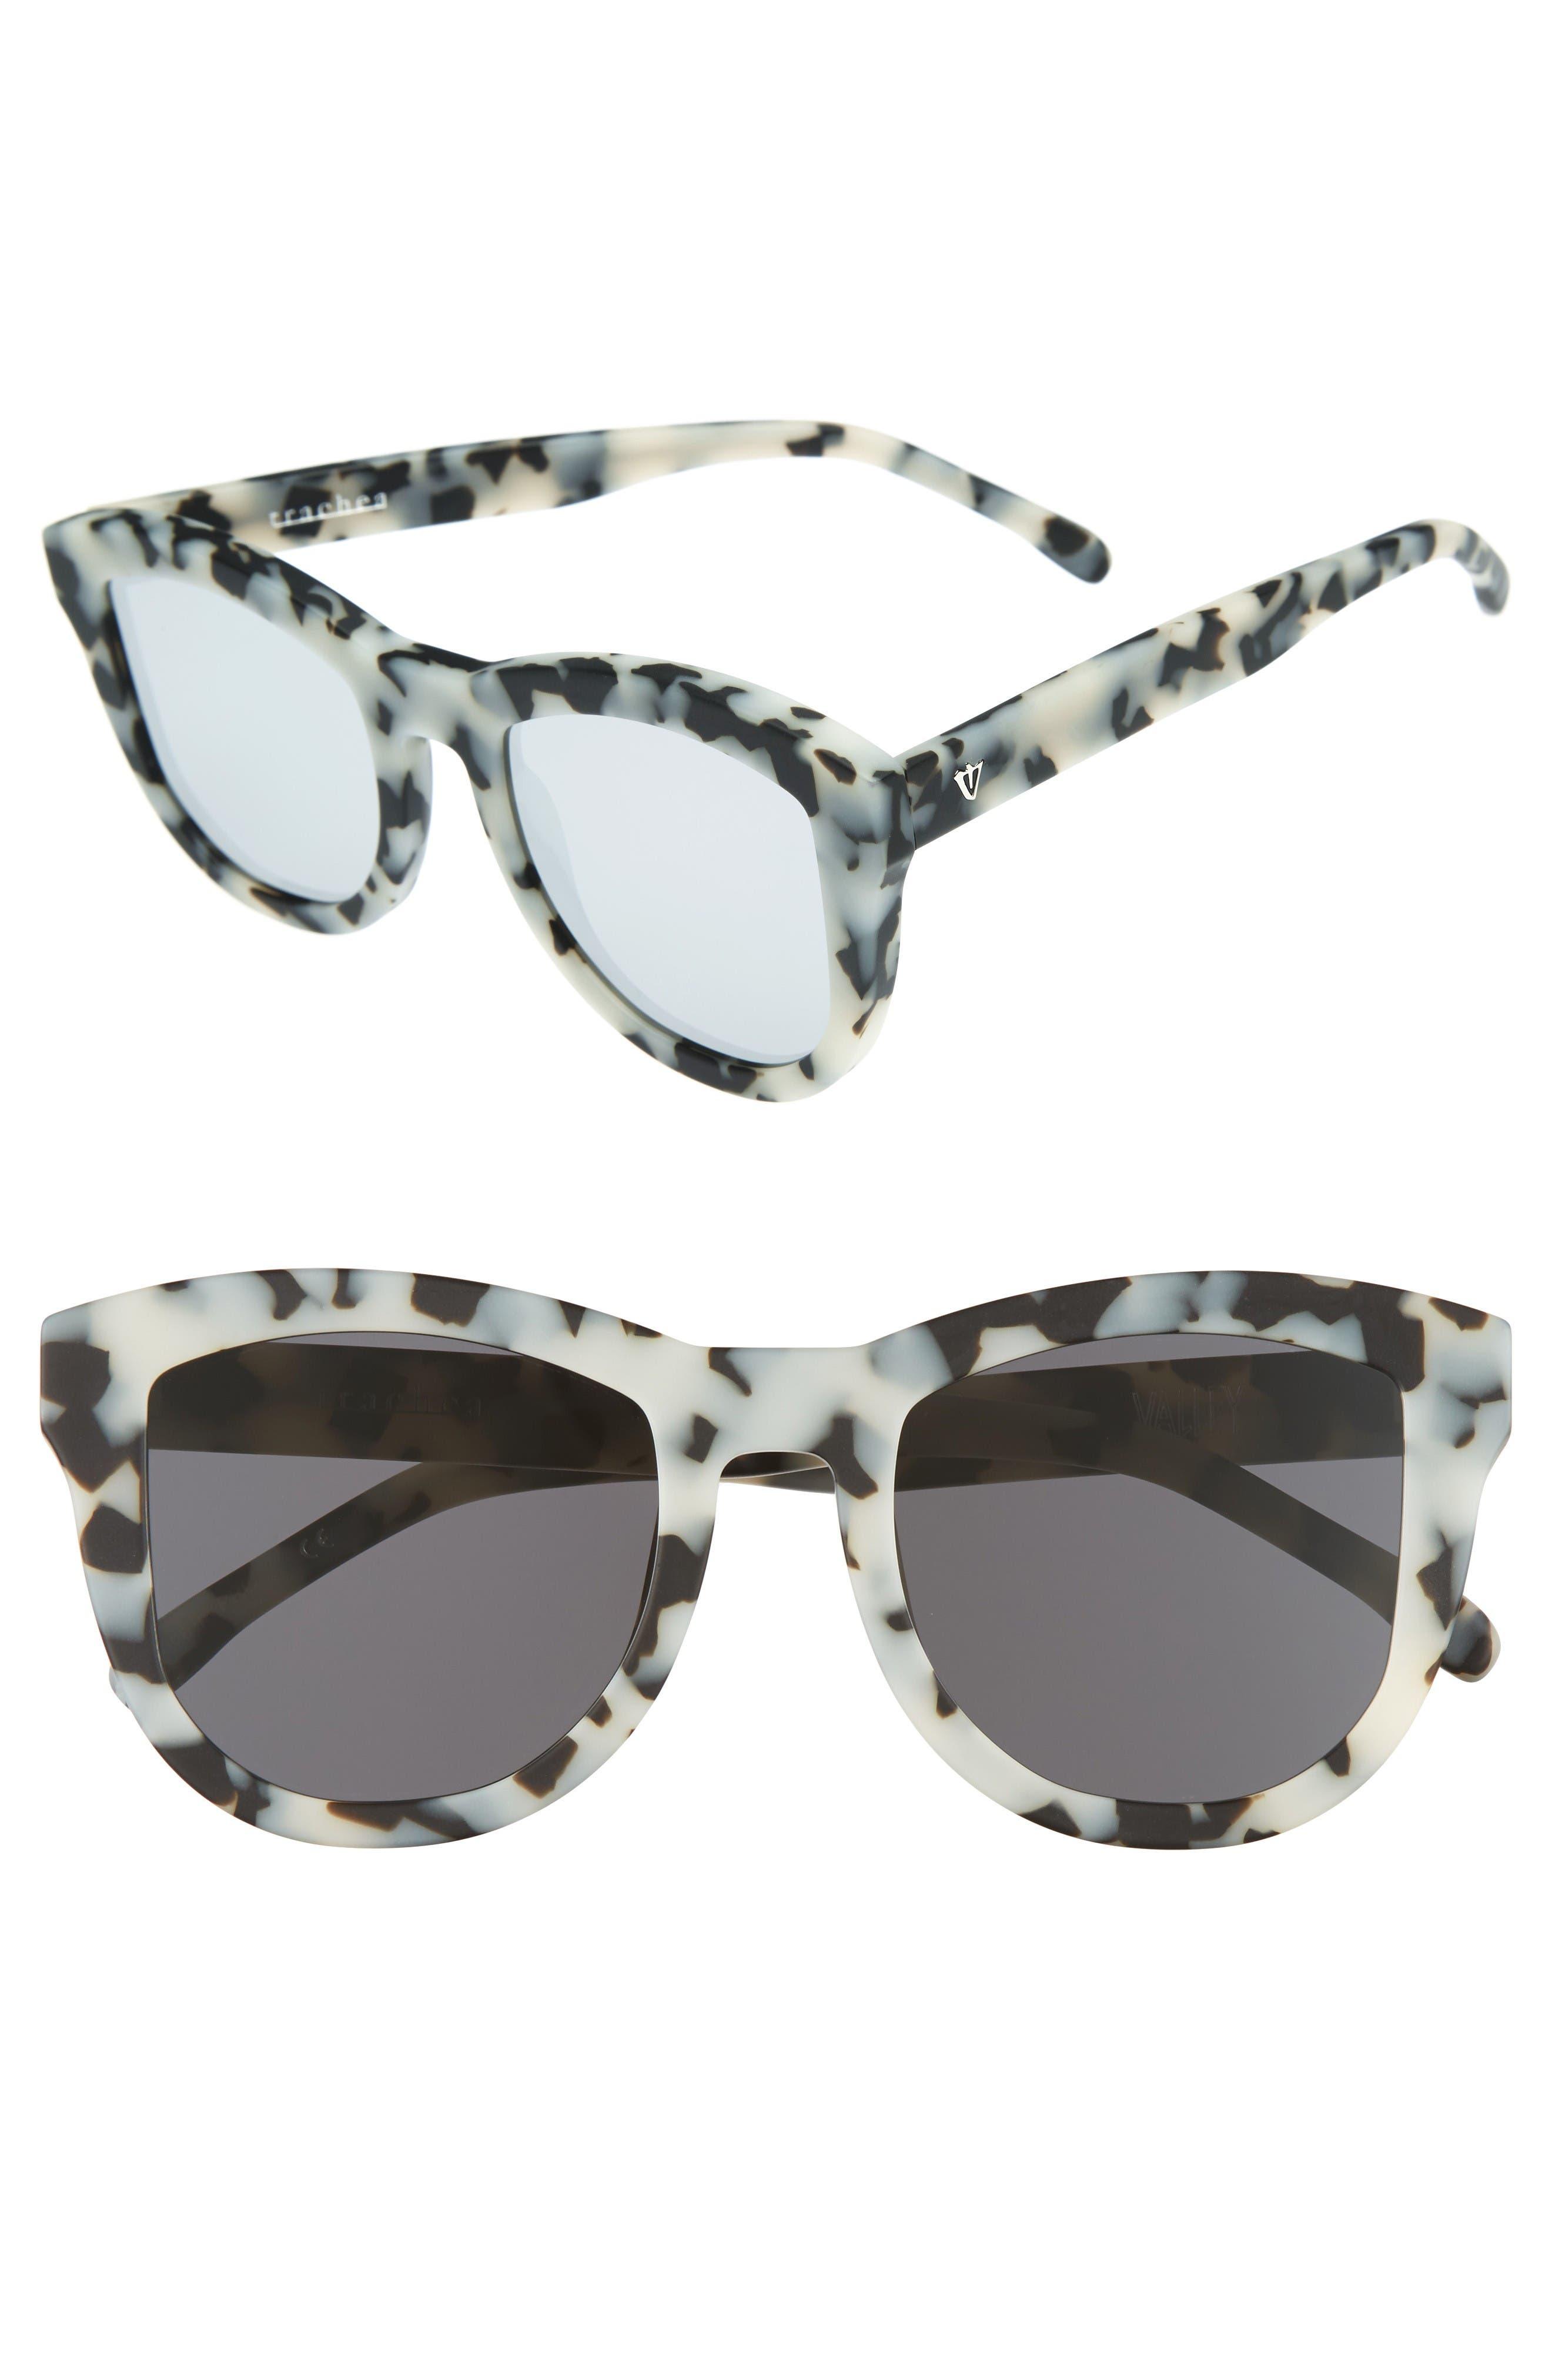 Main Image - VALLEY 50mm Trachea Retro Sunglasses